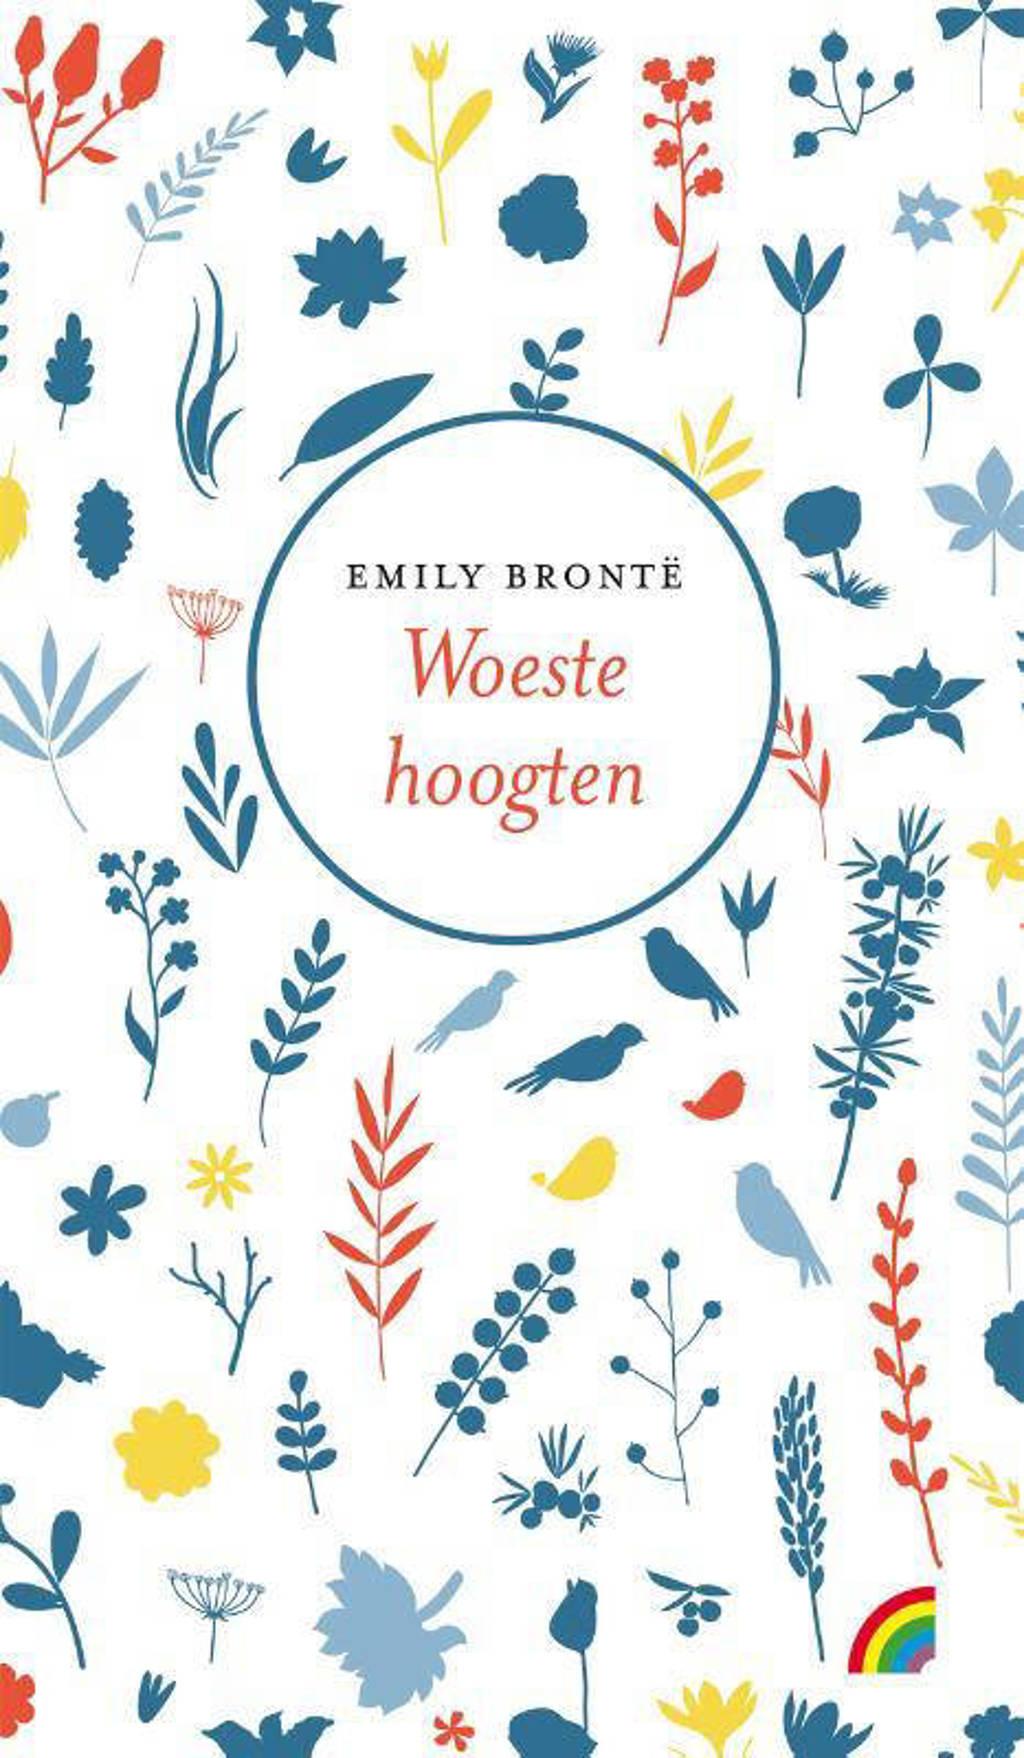 Woeste hoogten - Emily Brontë